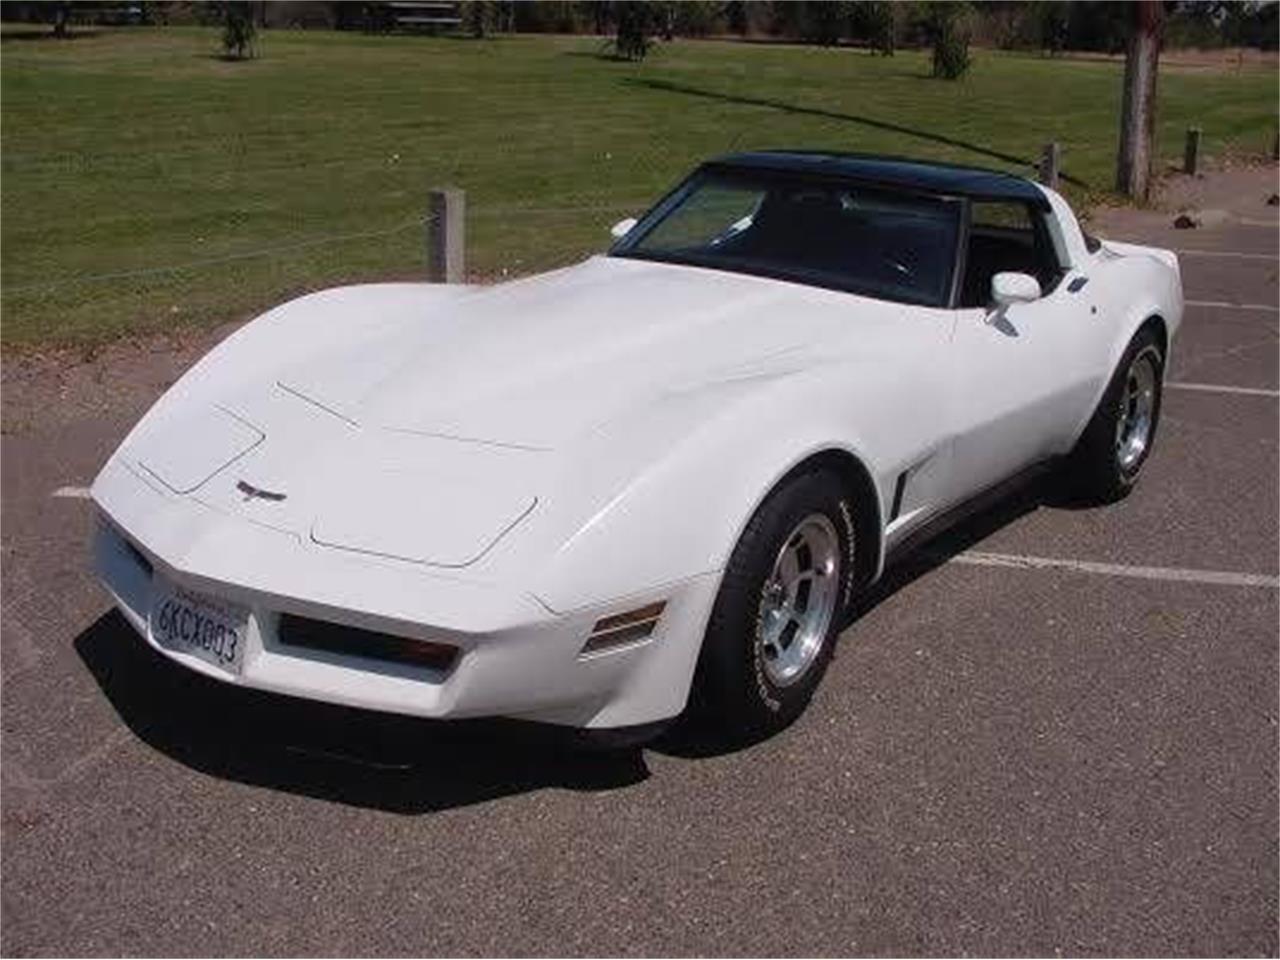 1980 Corvette For Sale >> For Sale 1980 Chevrolet Corvette In Cadillac Michigan